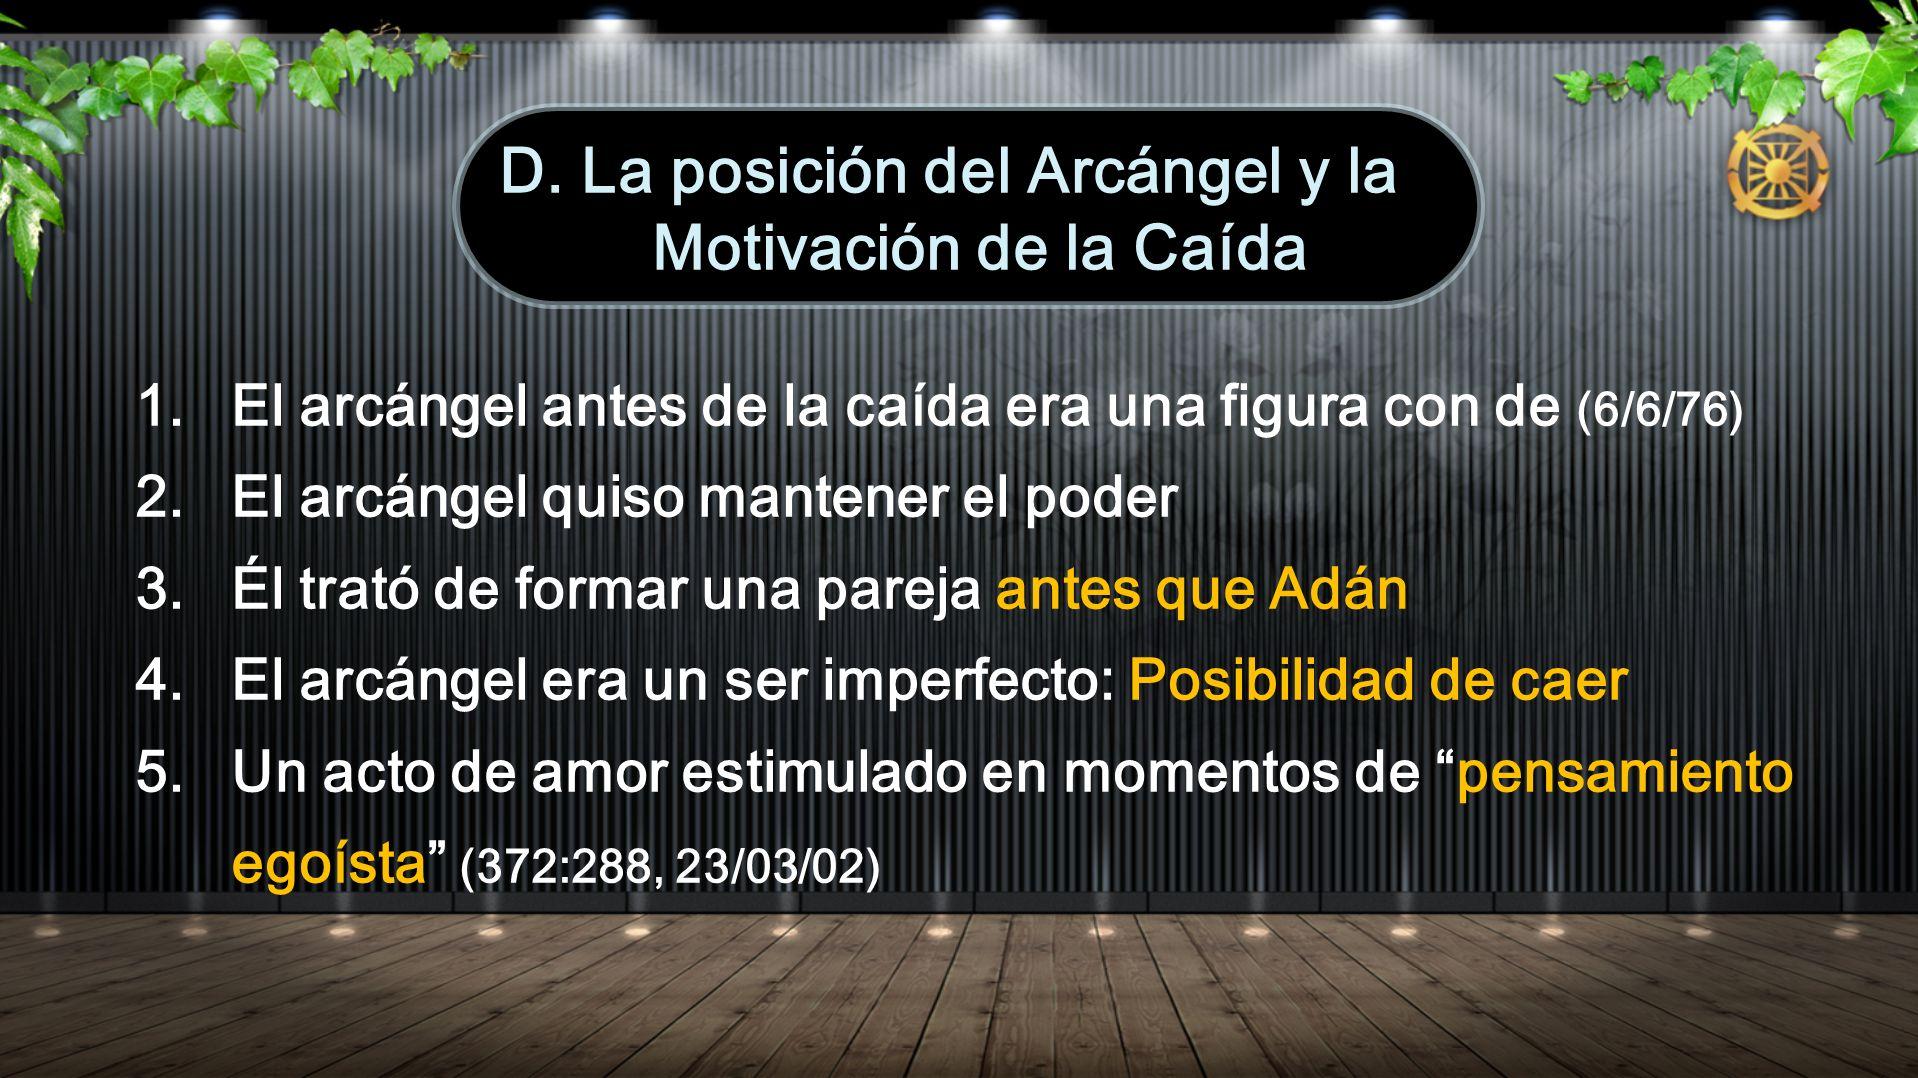 D. La posición del Arcángel y la Motivación de la Caída